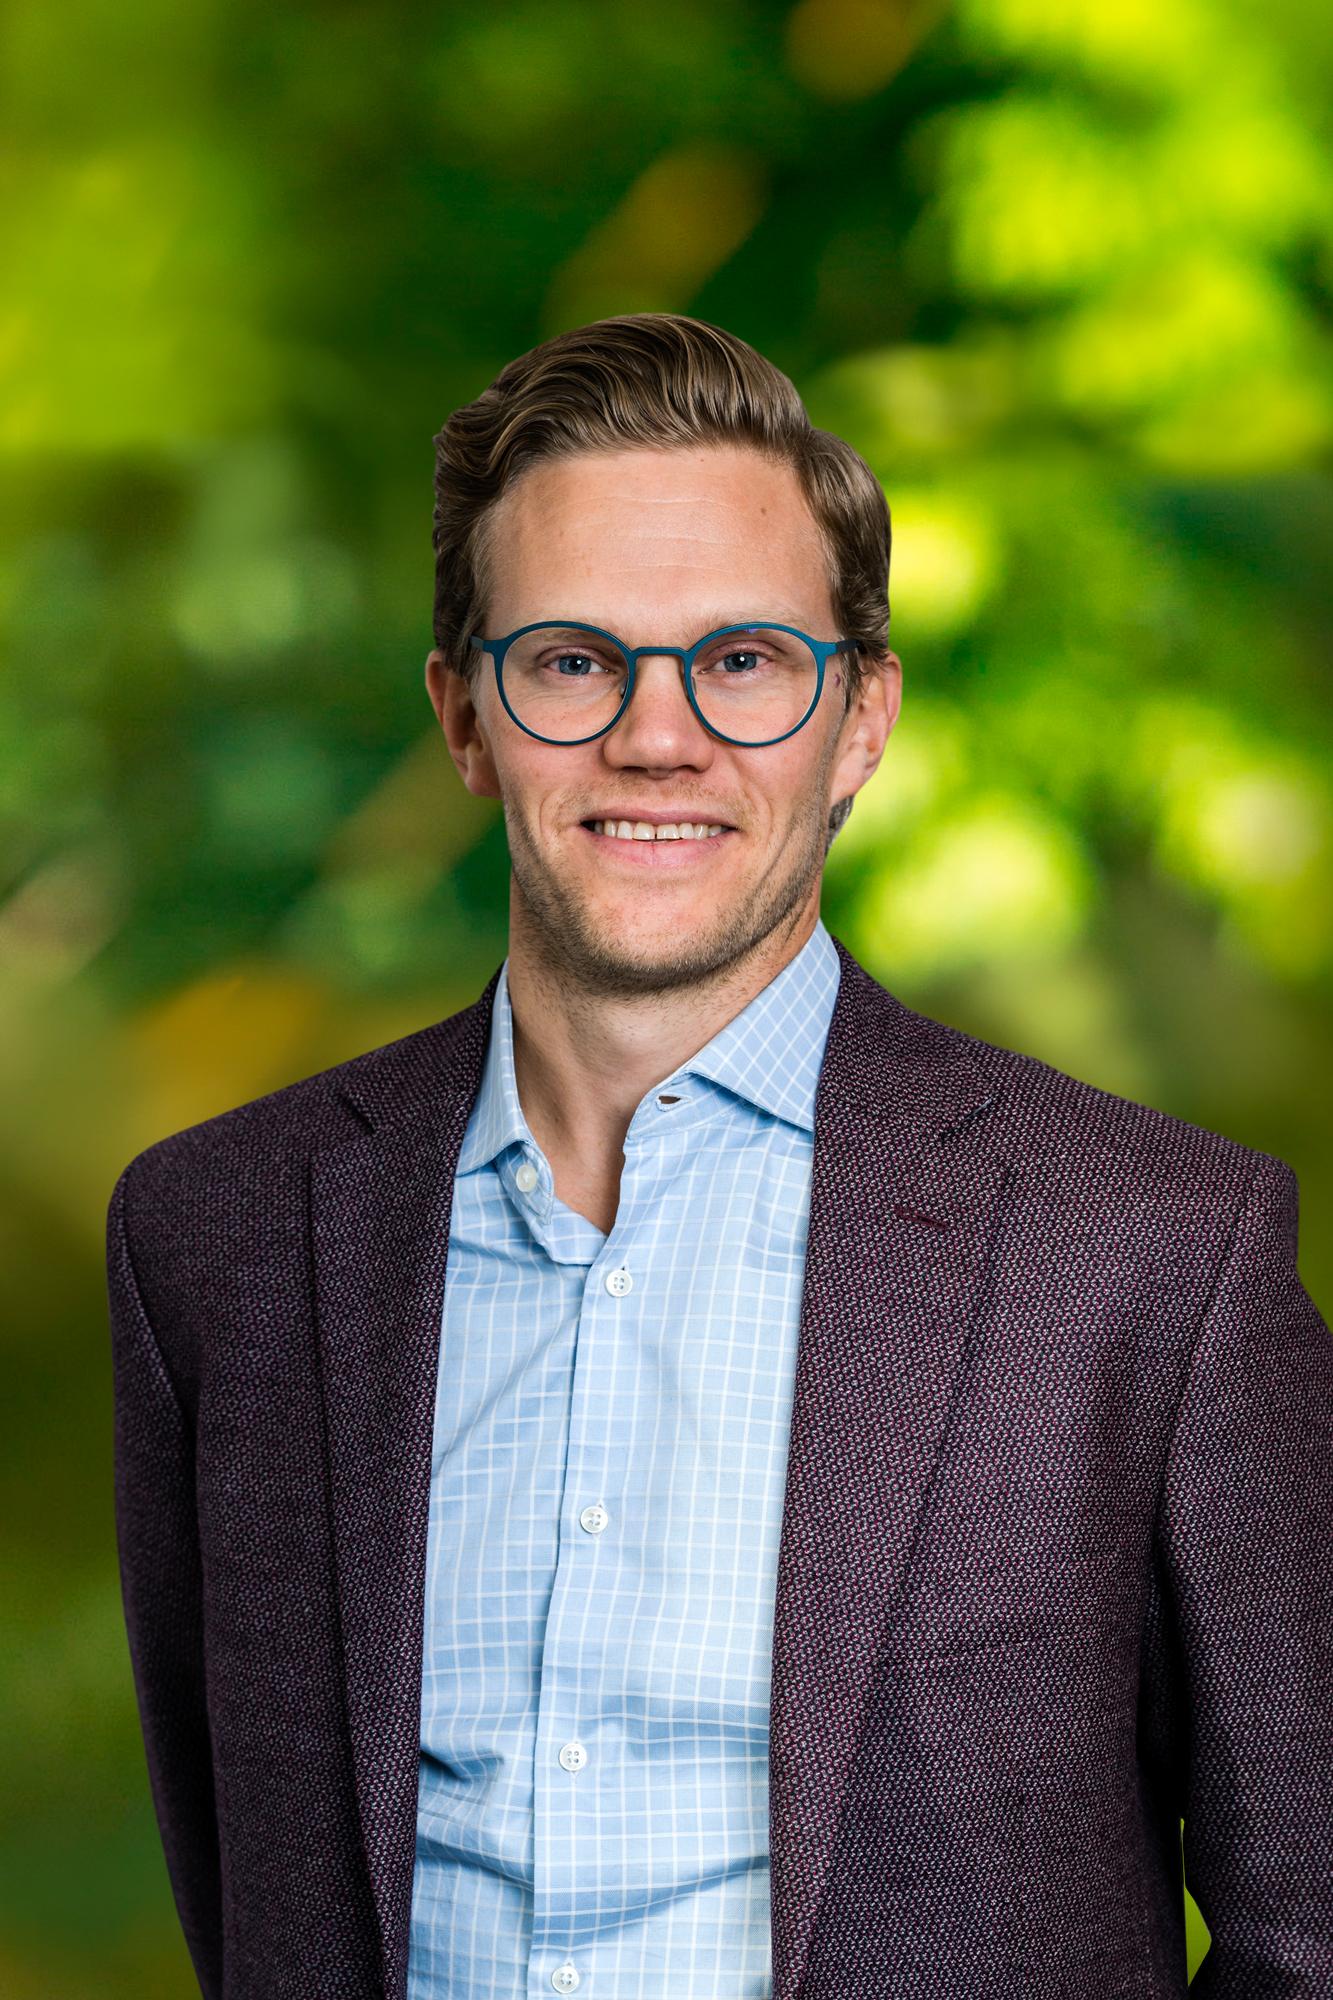 Tobias Albrektsson